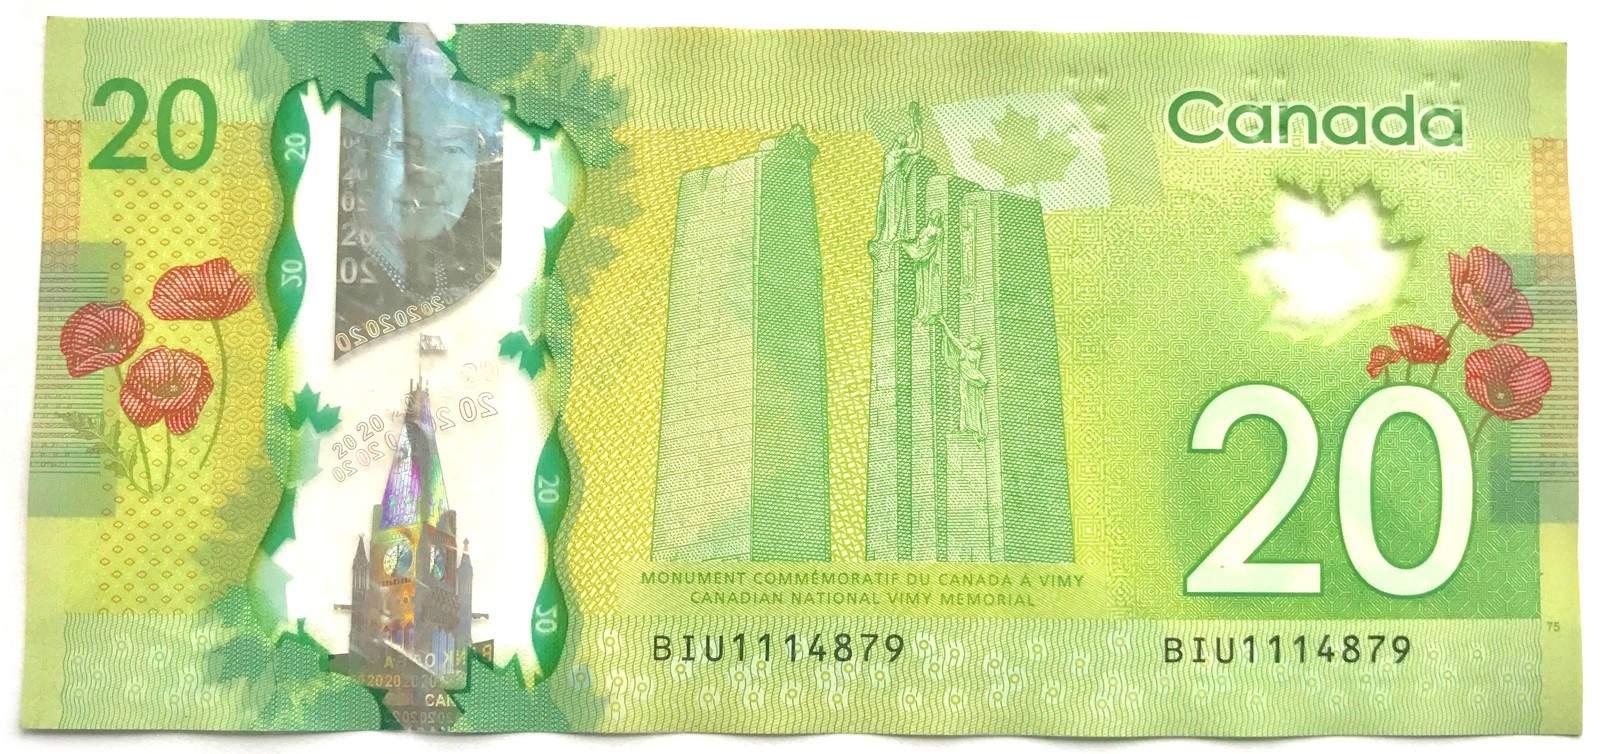 تصویرپشتاسکناس 50 دلاری کاناداهم متعلق به یادبود سربازان کانادایی جنگ جهانی اول میباشد